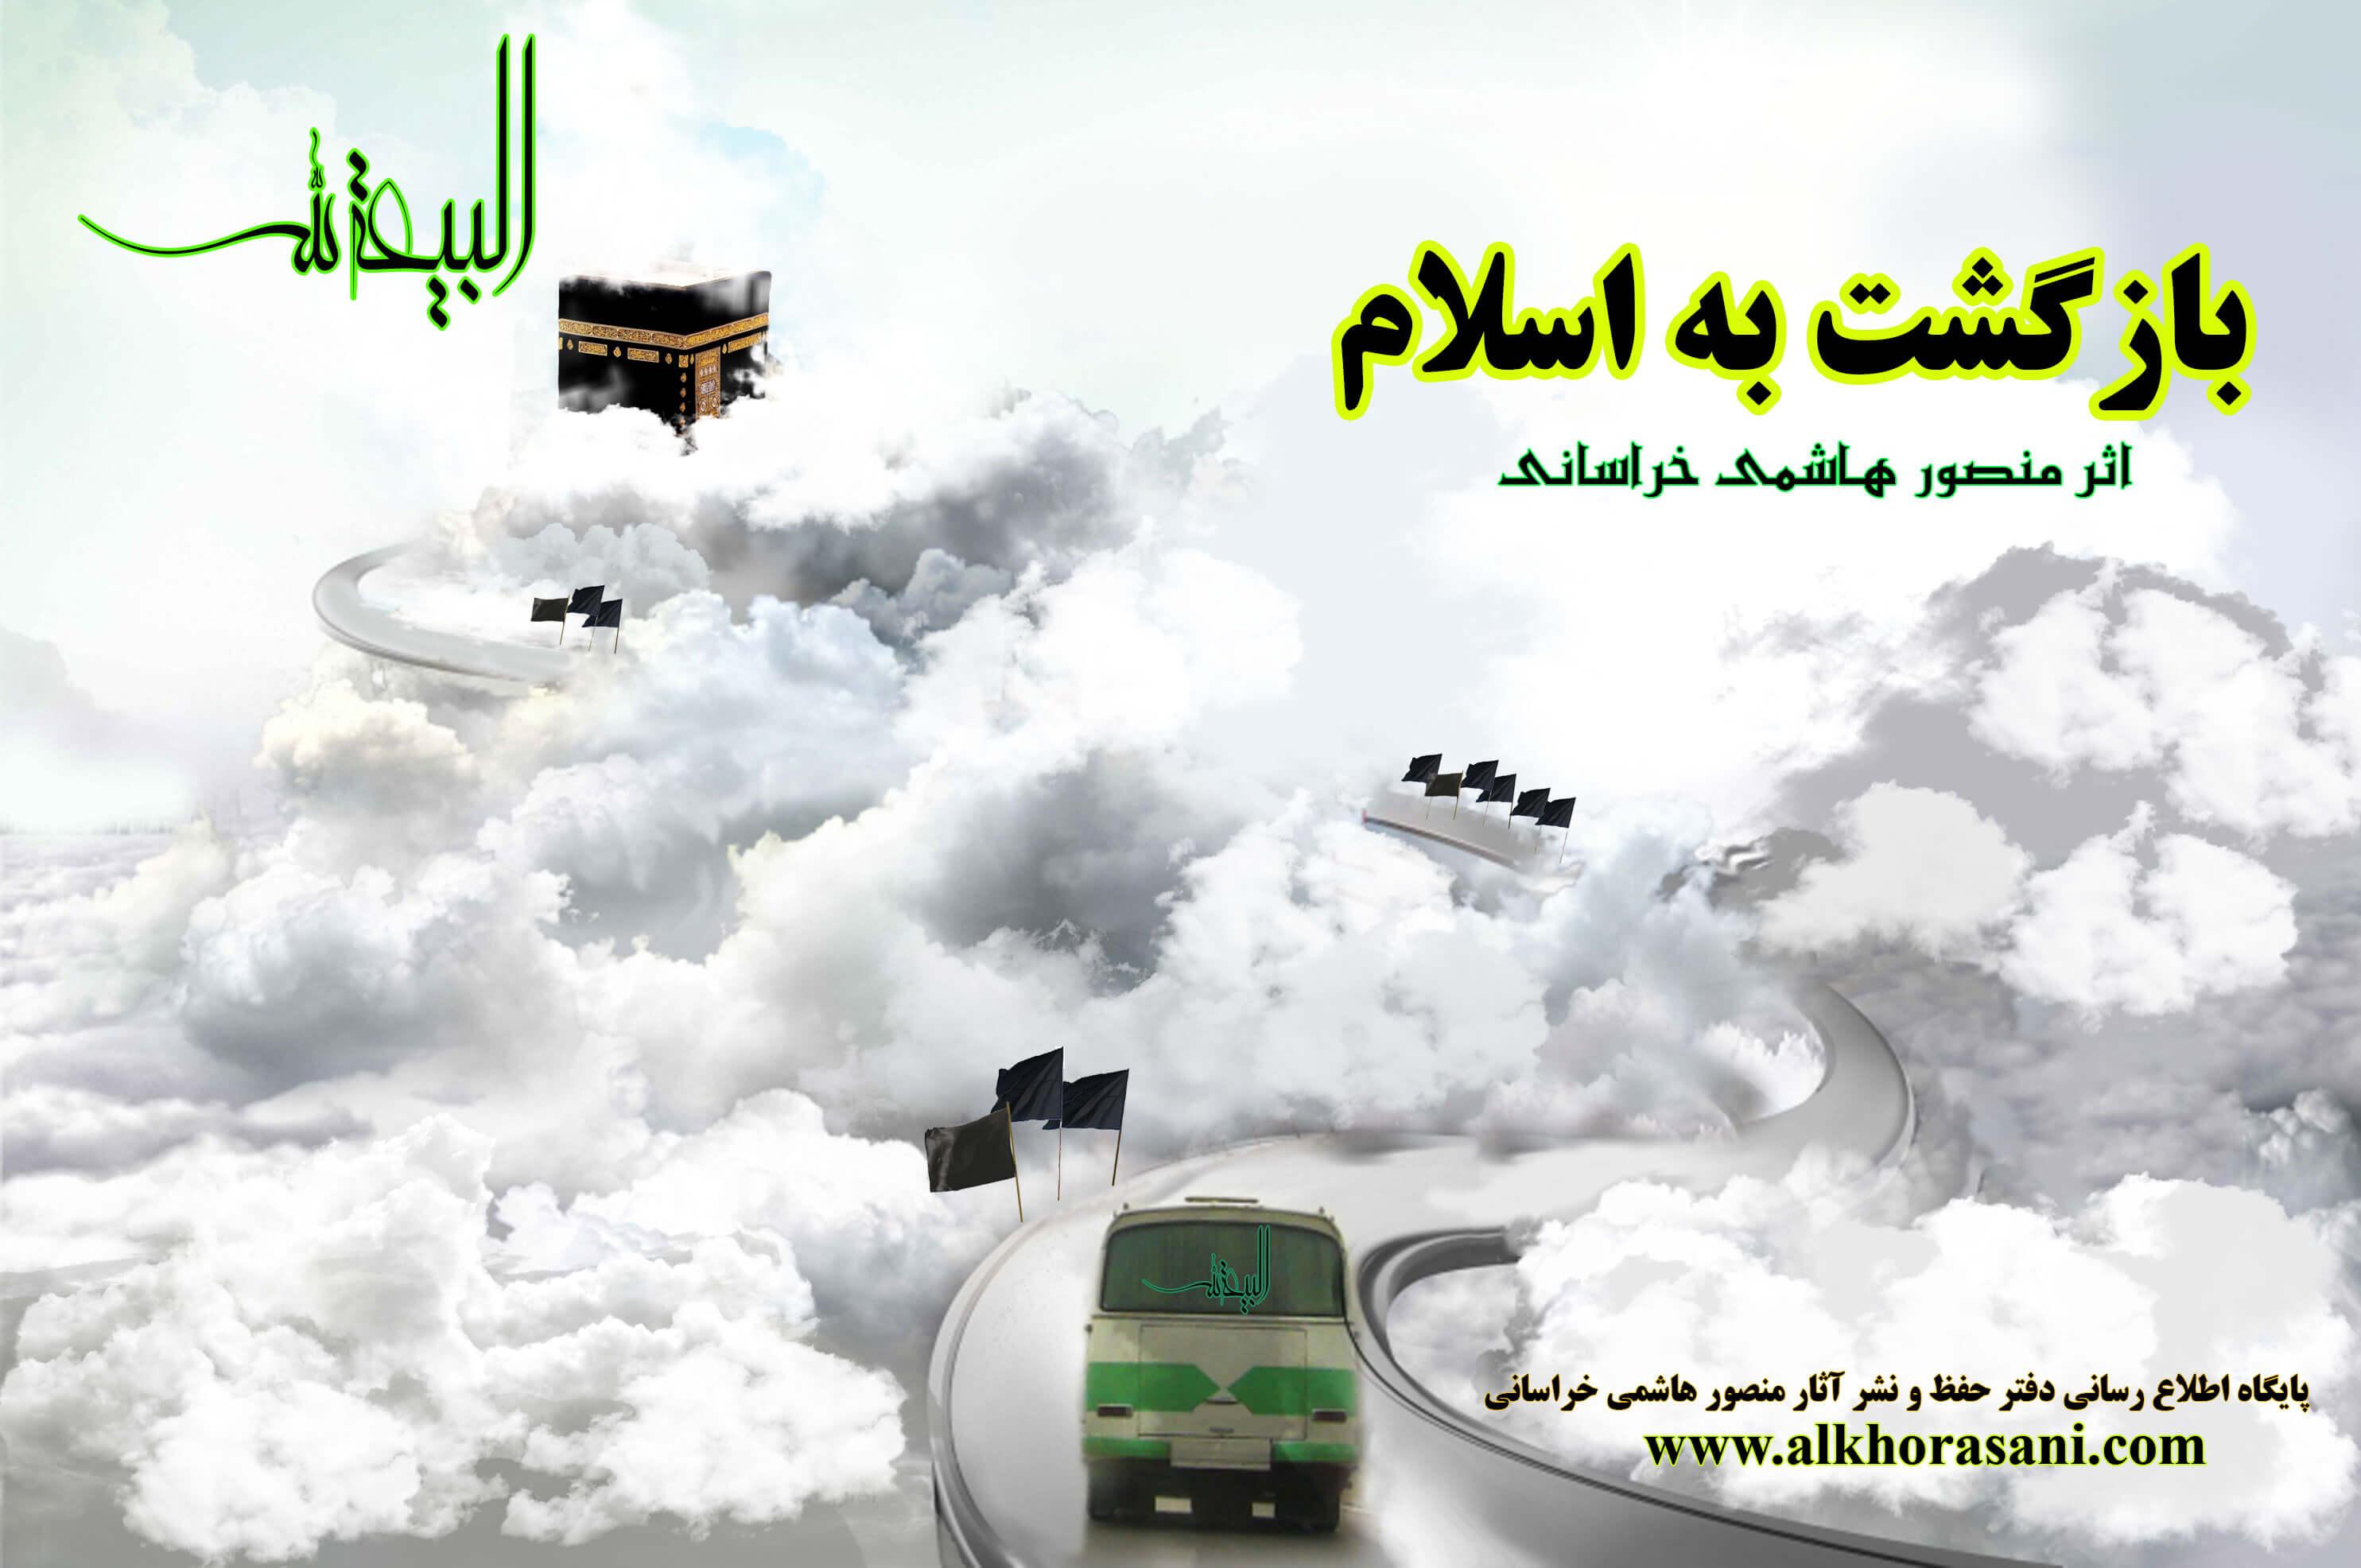 کاروان بازگشت به اسلام